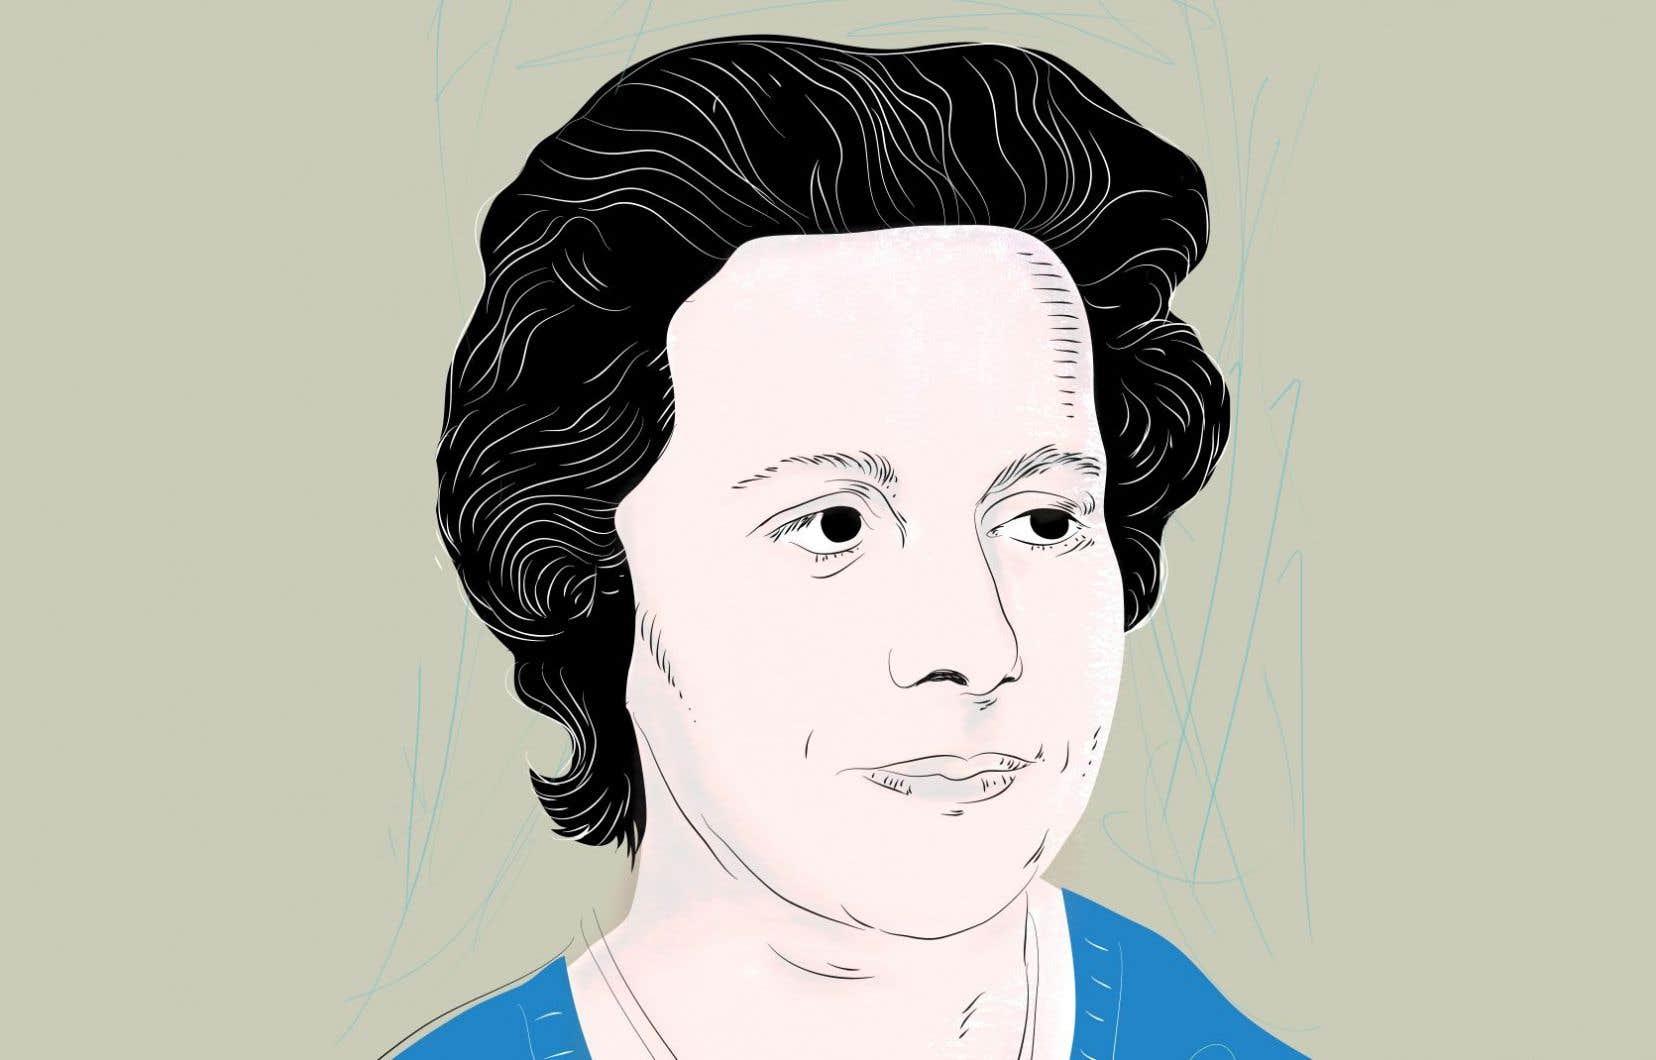 Intellectuelle, universitaire, féministe, Jeanne Lapointe a légué au Québec et aux femmes un héritage considérable. Pourtant, son nom et son travail sont peu reconnus; à l'Université Laval, il n'y a pas de pavillon Jeanne-Lapointe.